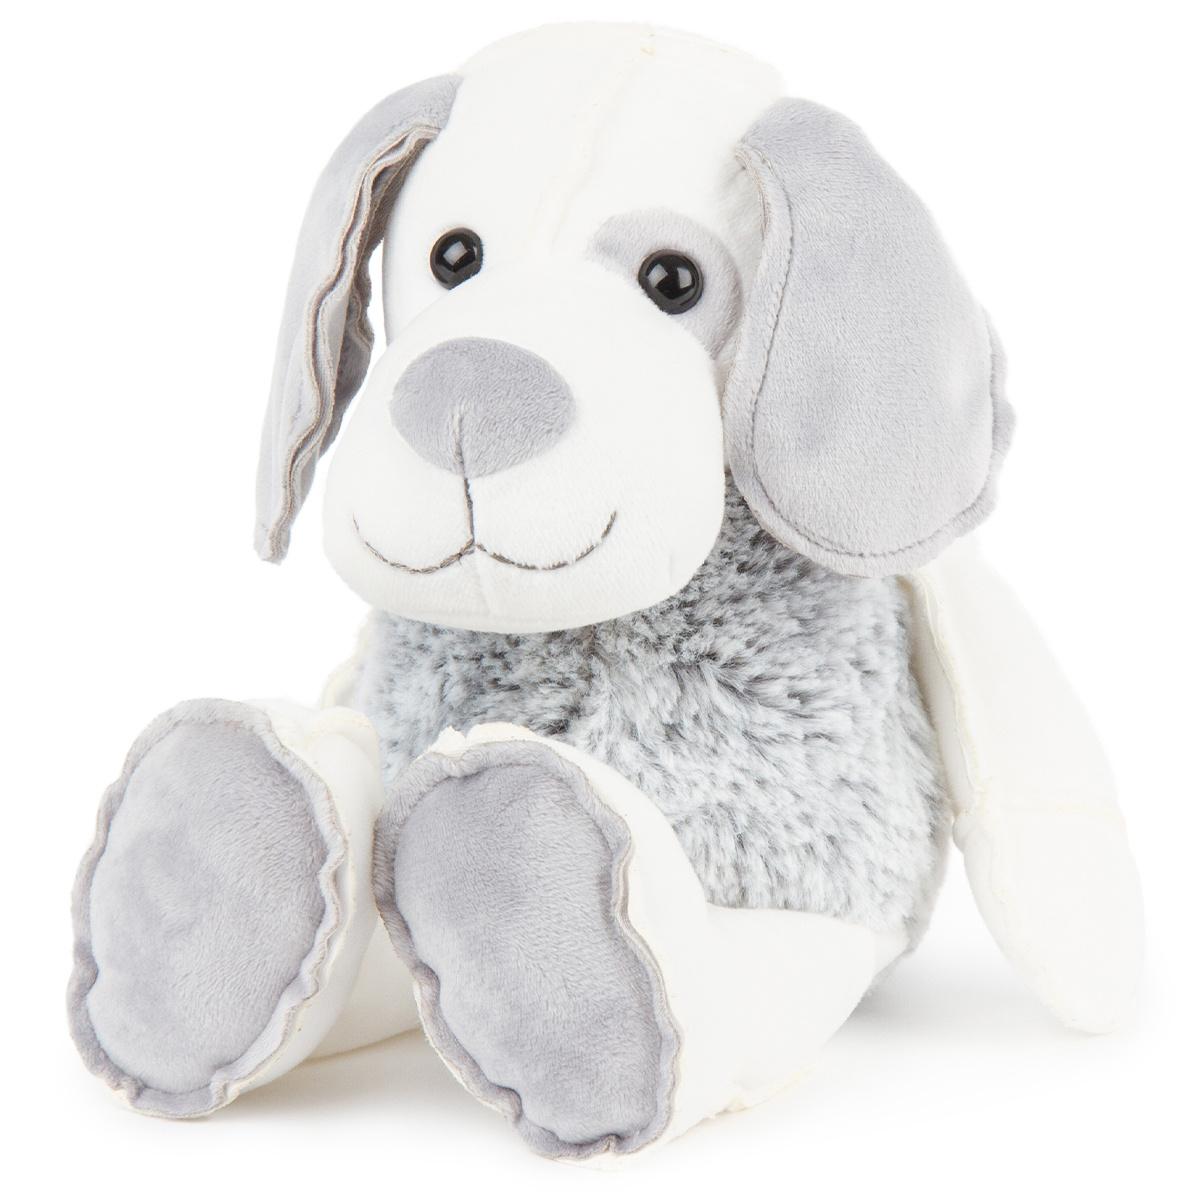 Câine din pluș, gri-alb, 30 cm imagine 2021 e4home.ro